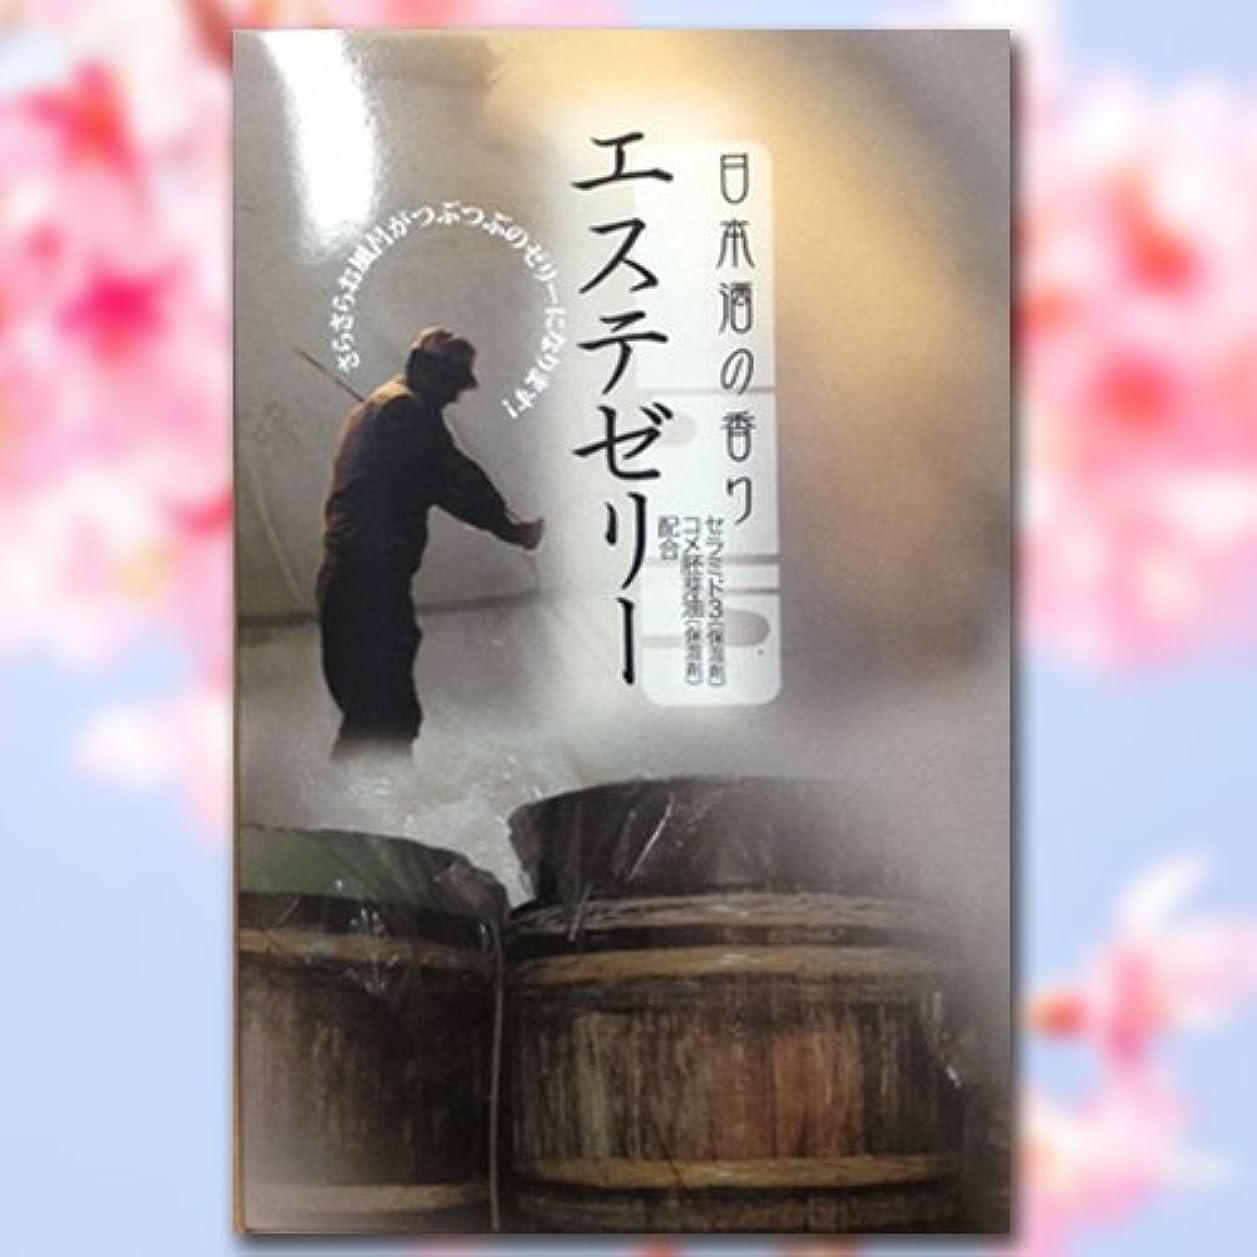 測るペチュランスピアノ【2個セット】Esthe Jelly エステゼリー 日本酒の香り (入浴剤)